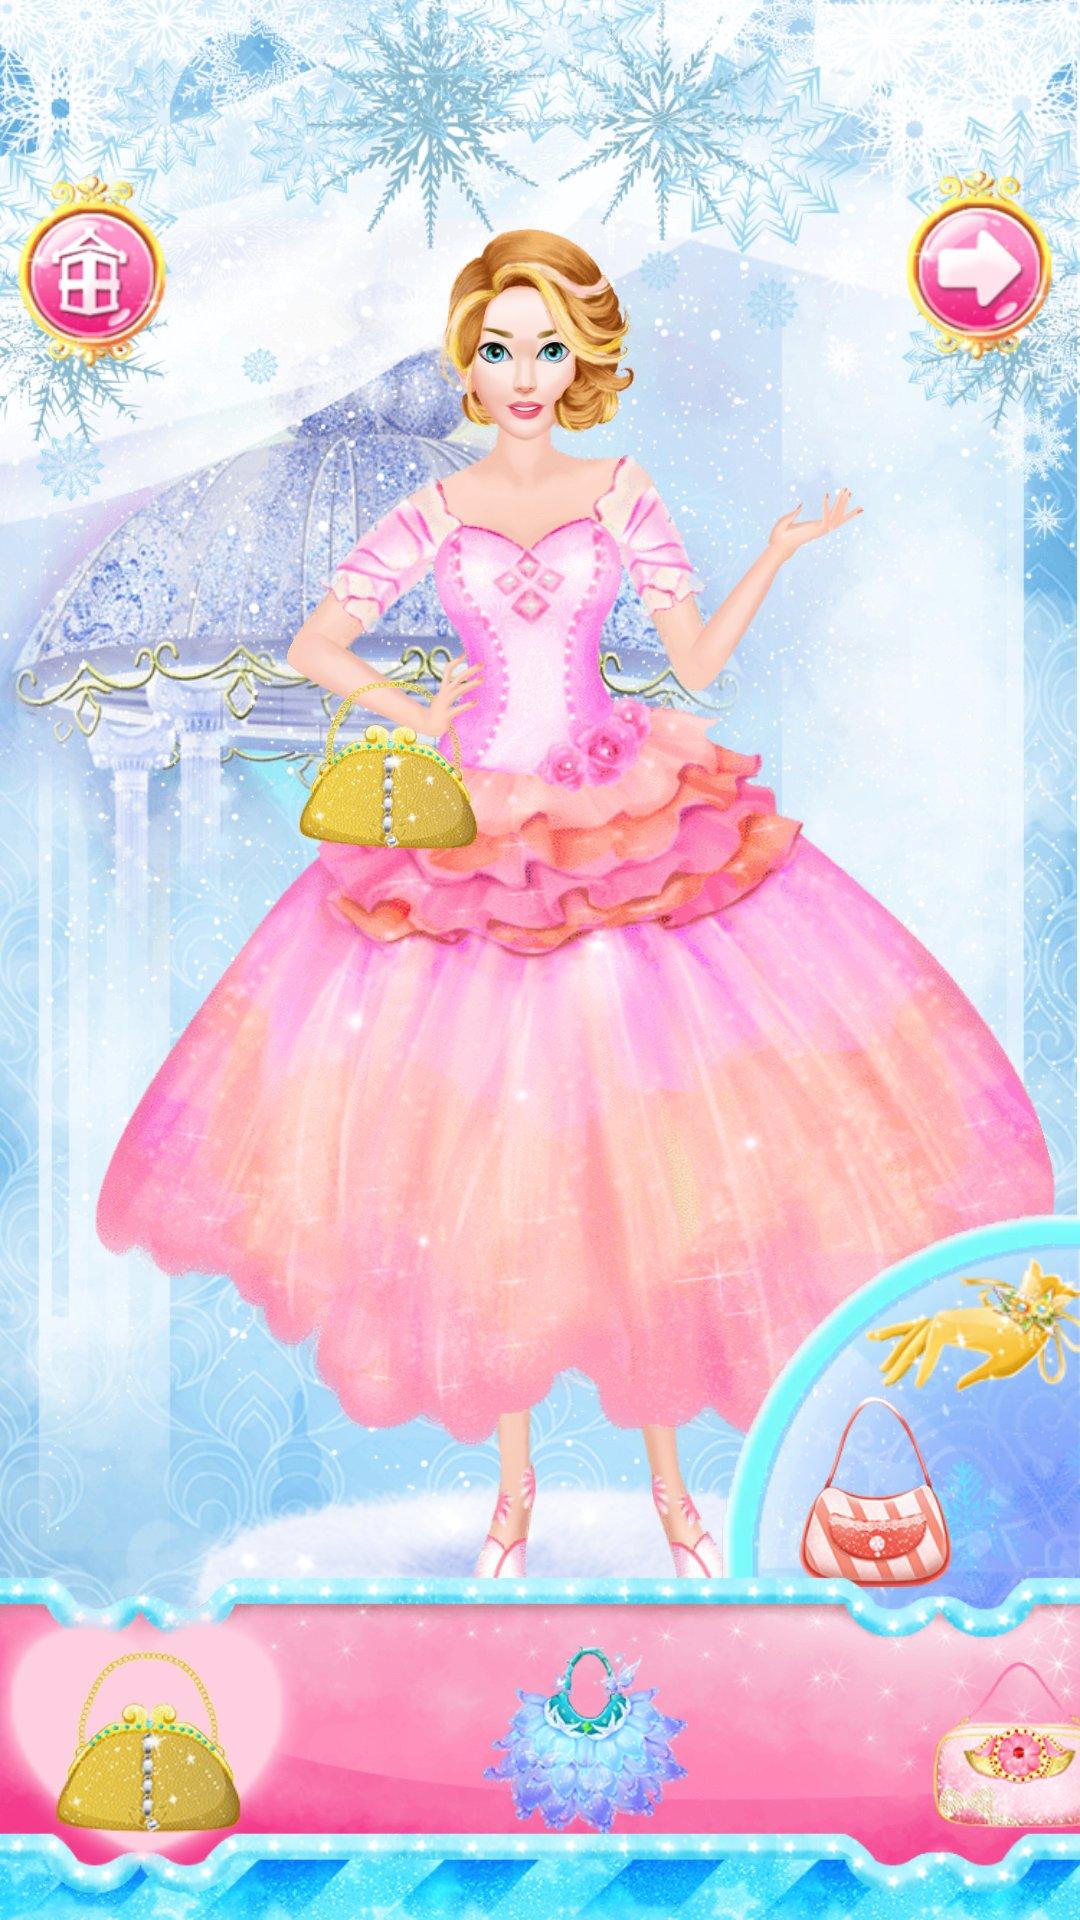 公主化妆装扮截图(2)